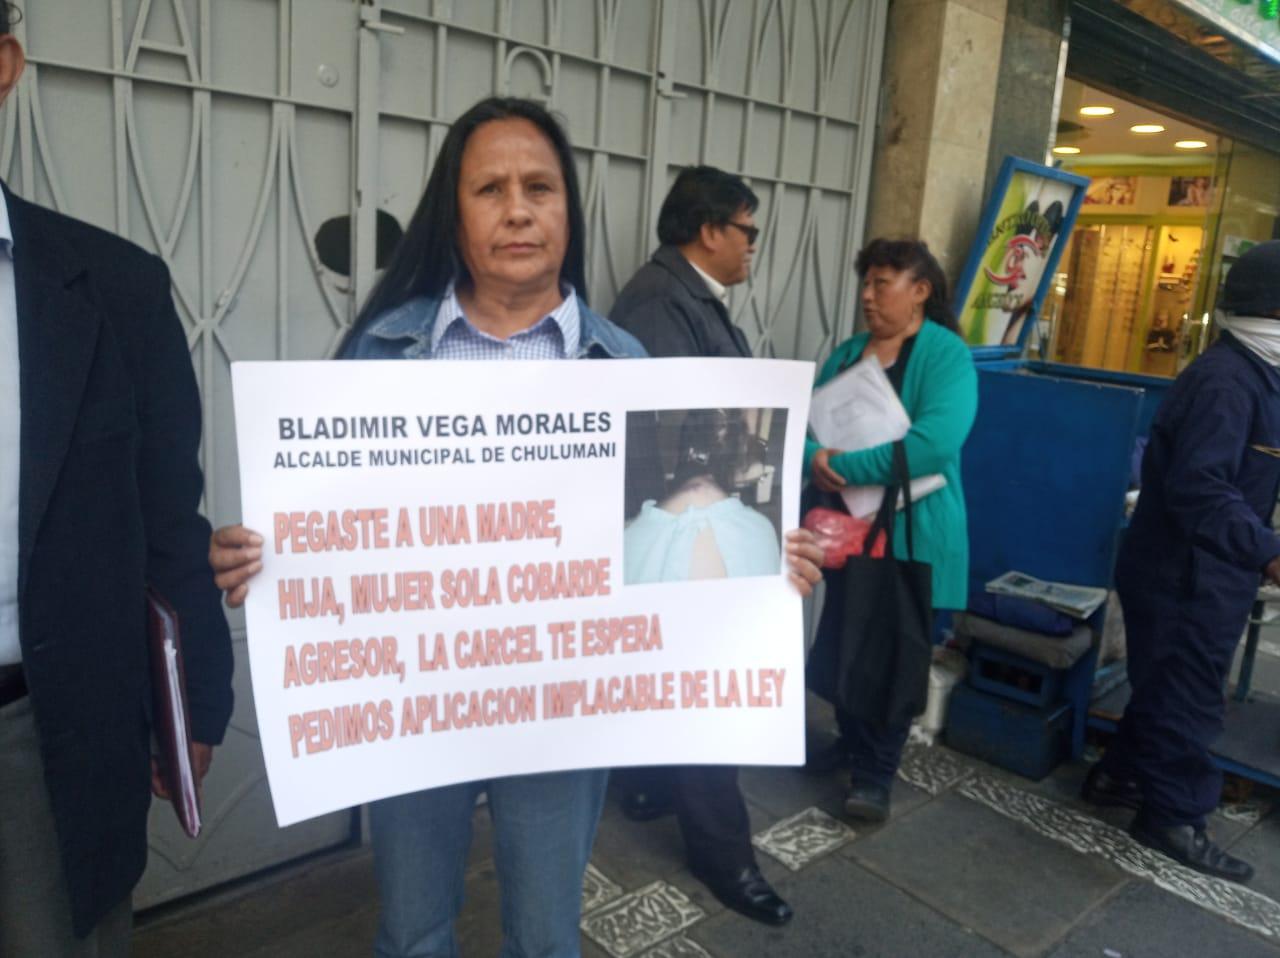 Alcalde de Chulumani y su esposa declaran ante la Fiscalía por presuntamente agredir a una comerciante